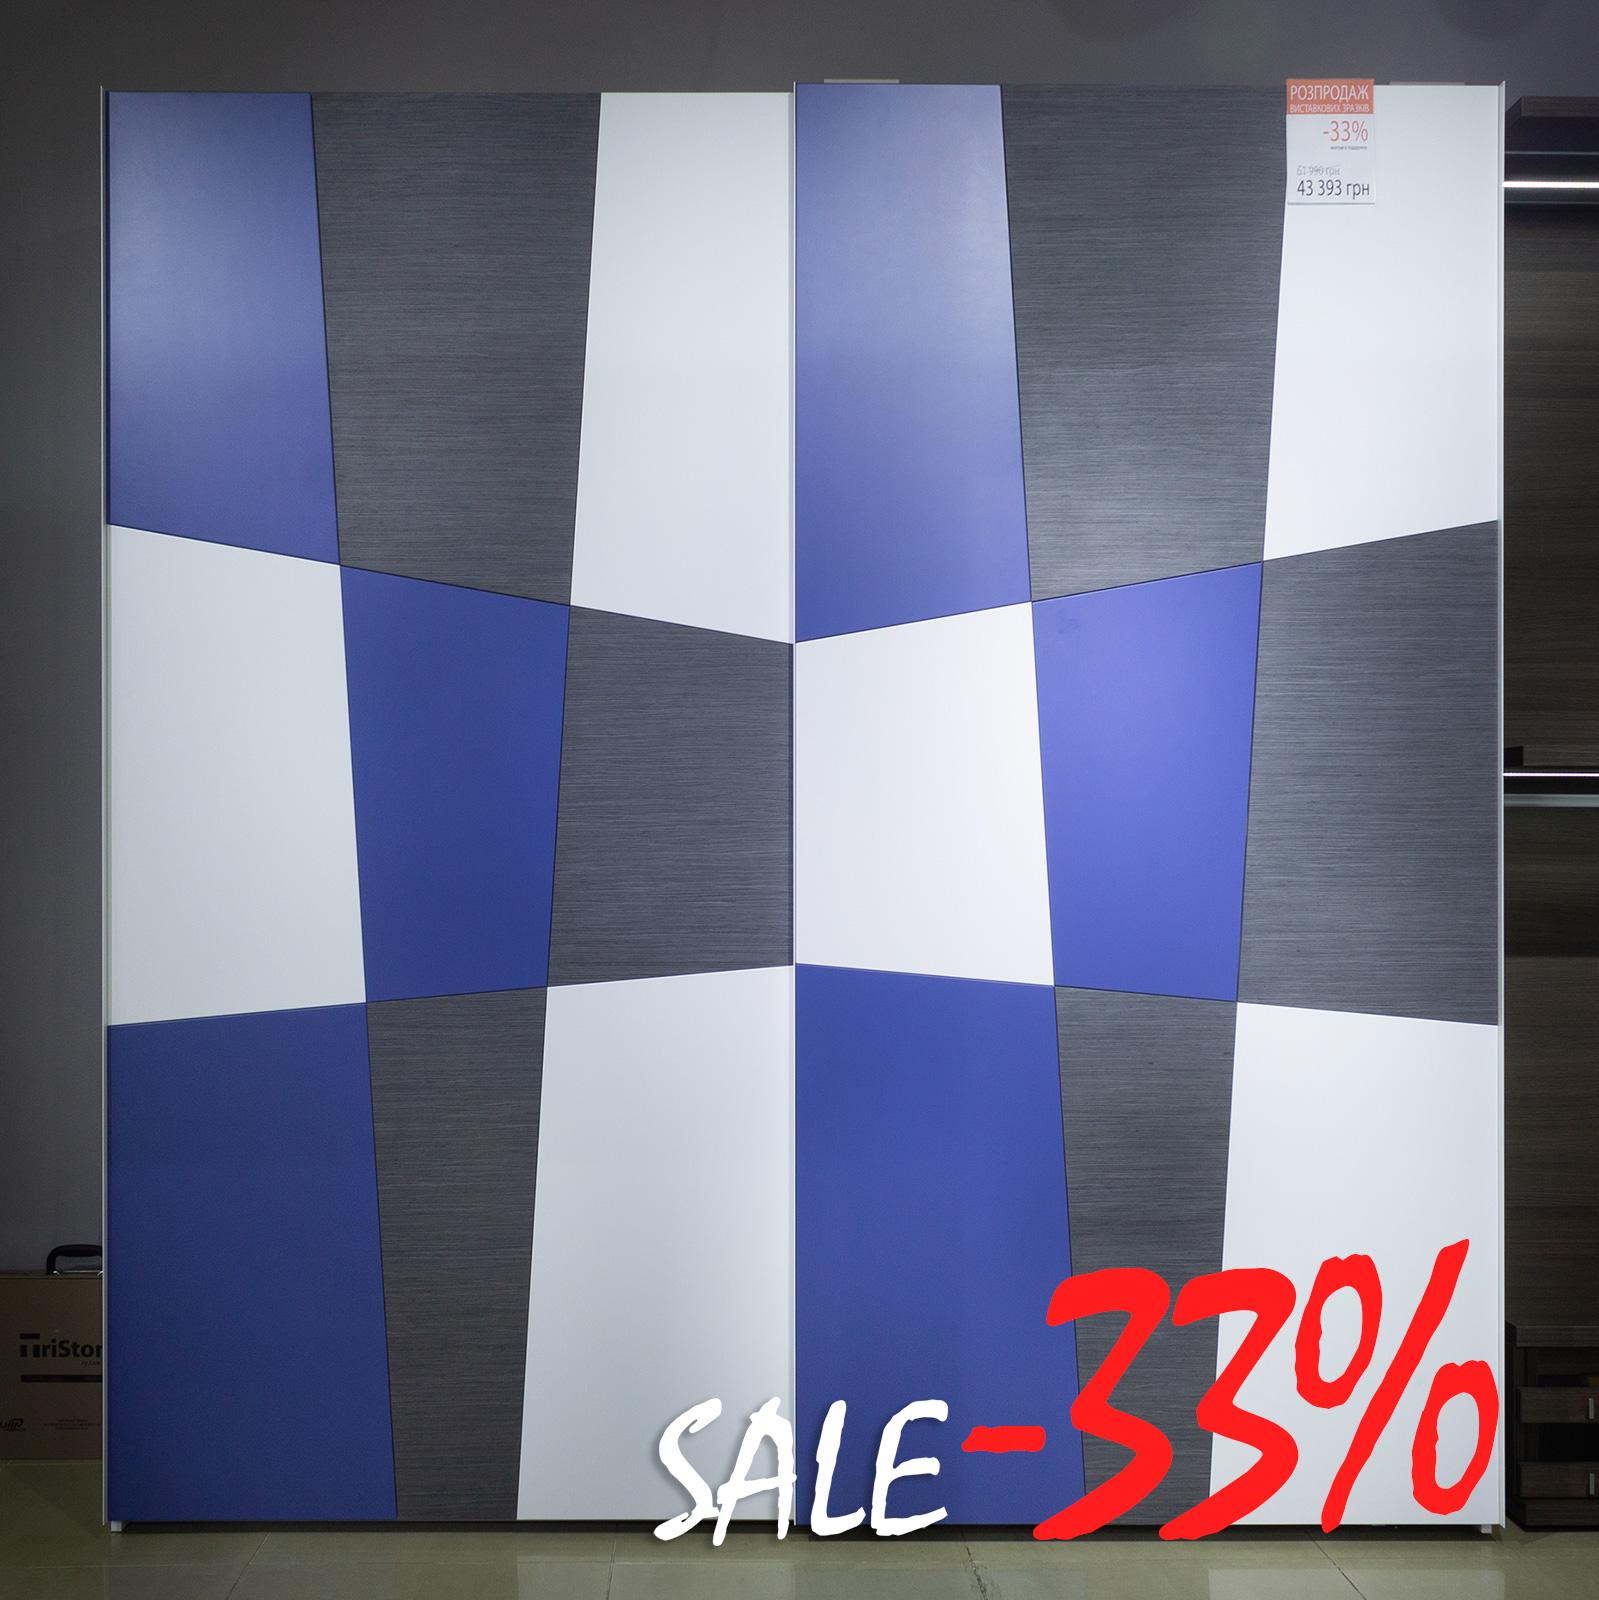 Дизайнерский шкаф - распродажа выставочных образцов мебели